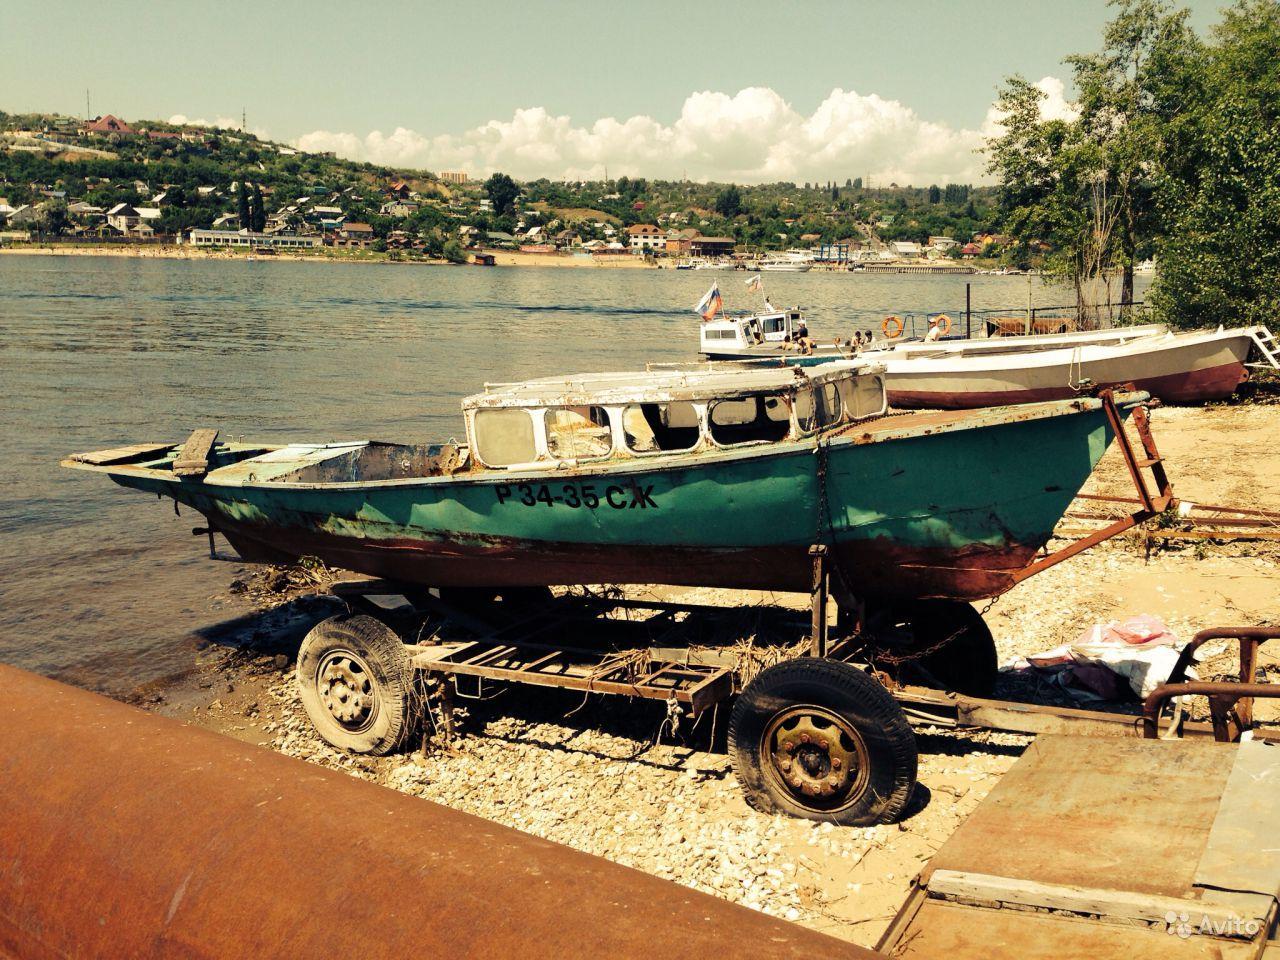 продажа лодок гулянка в саратовской обл